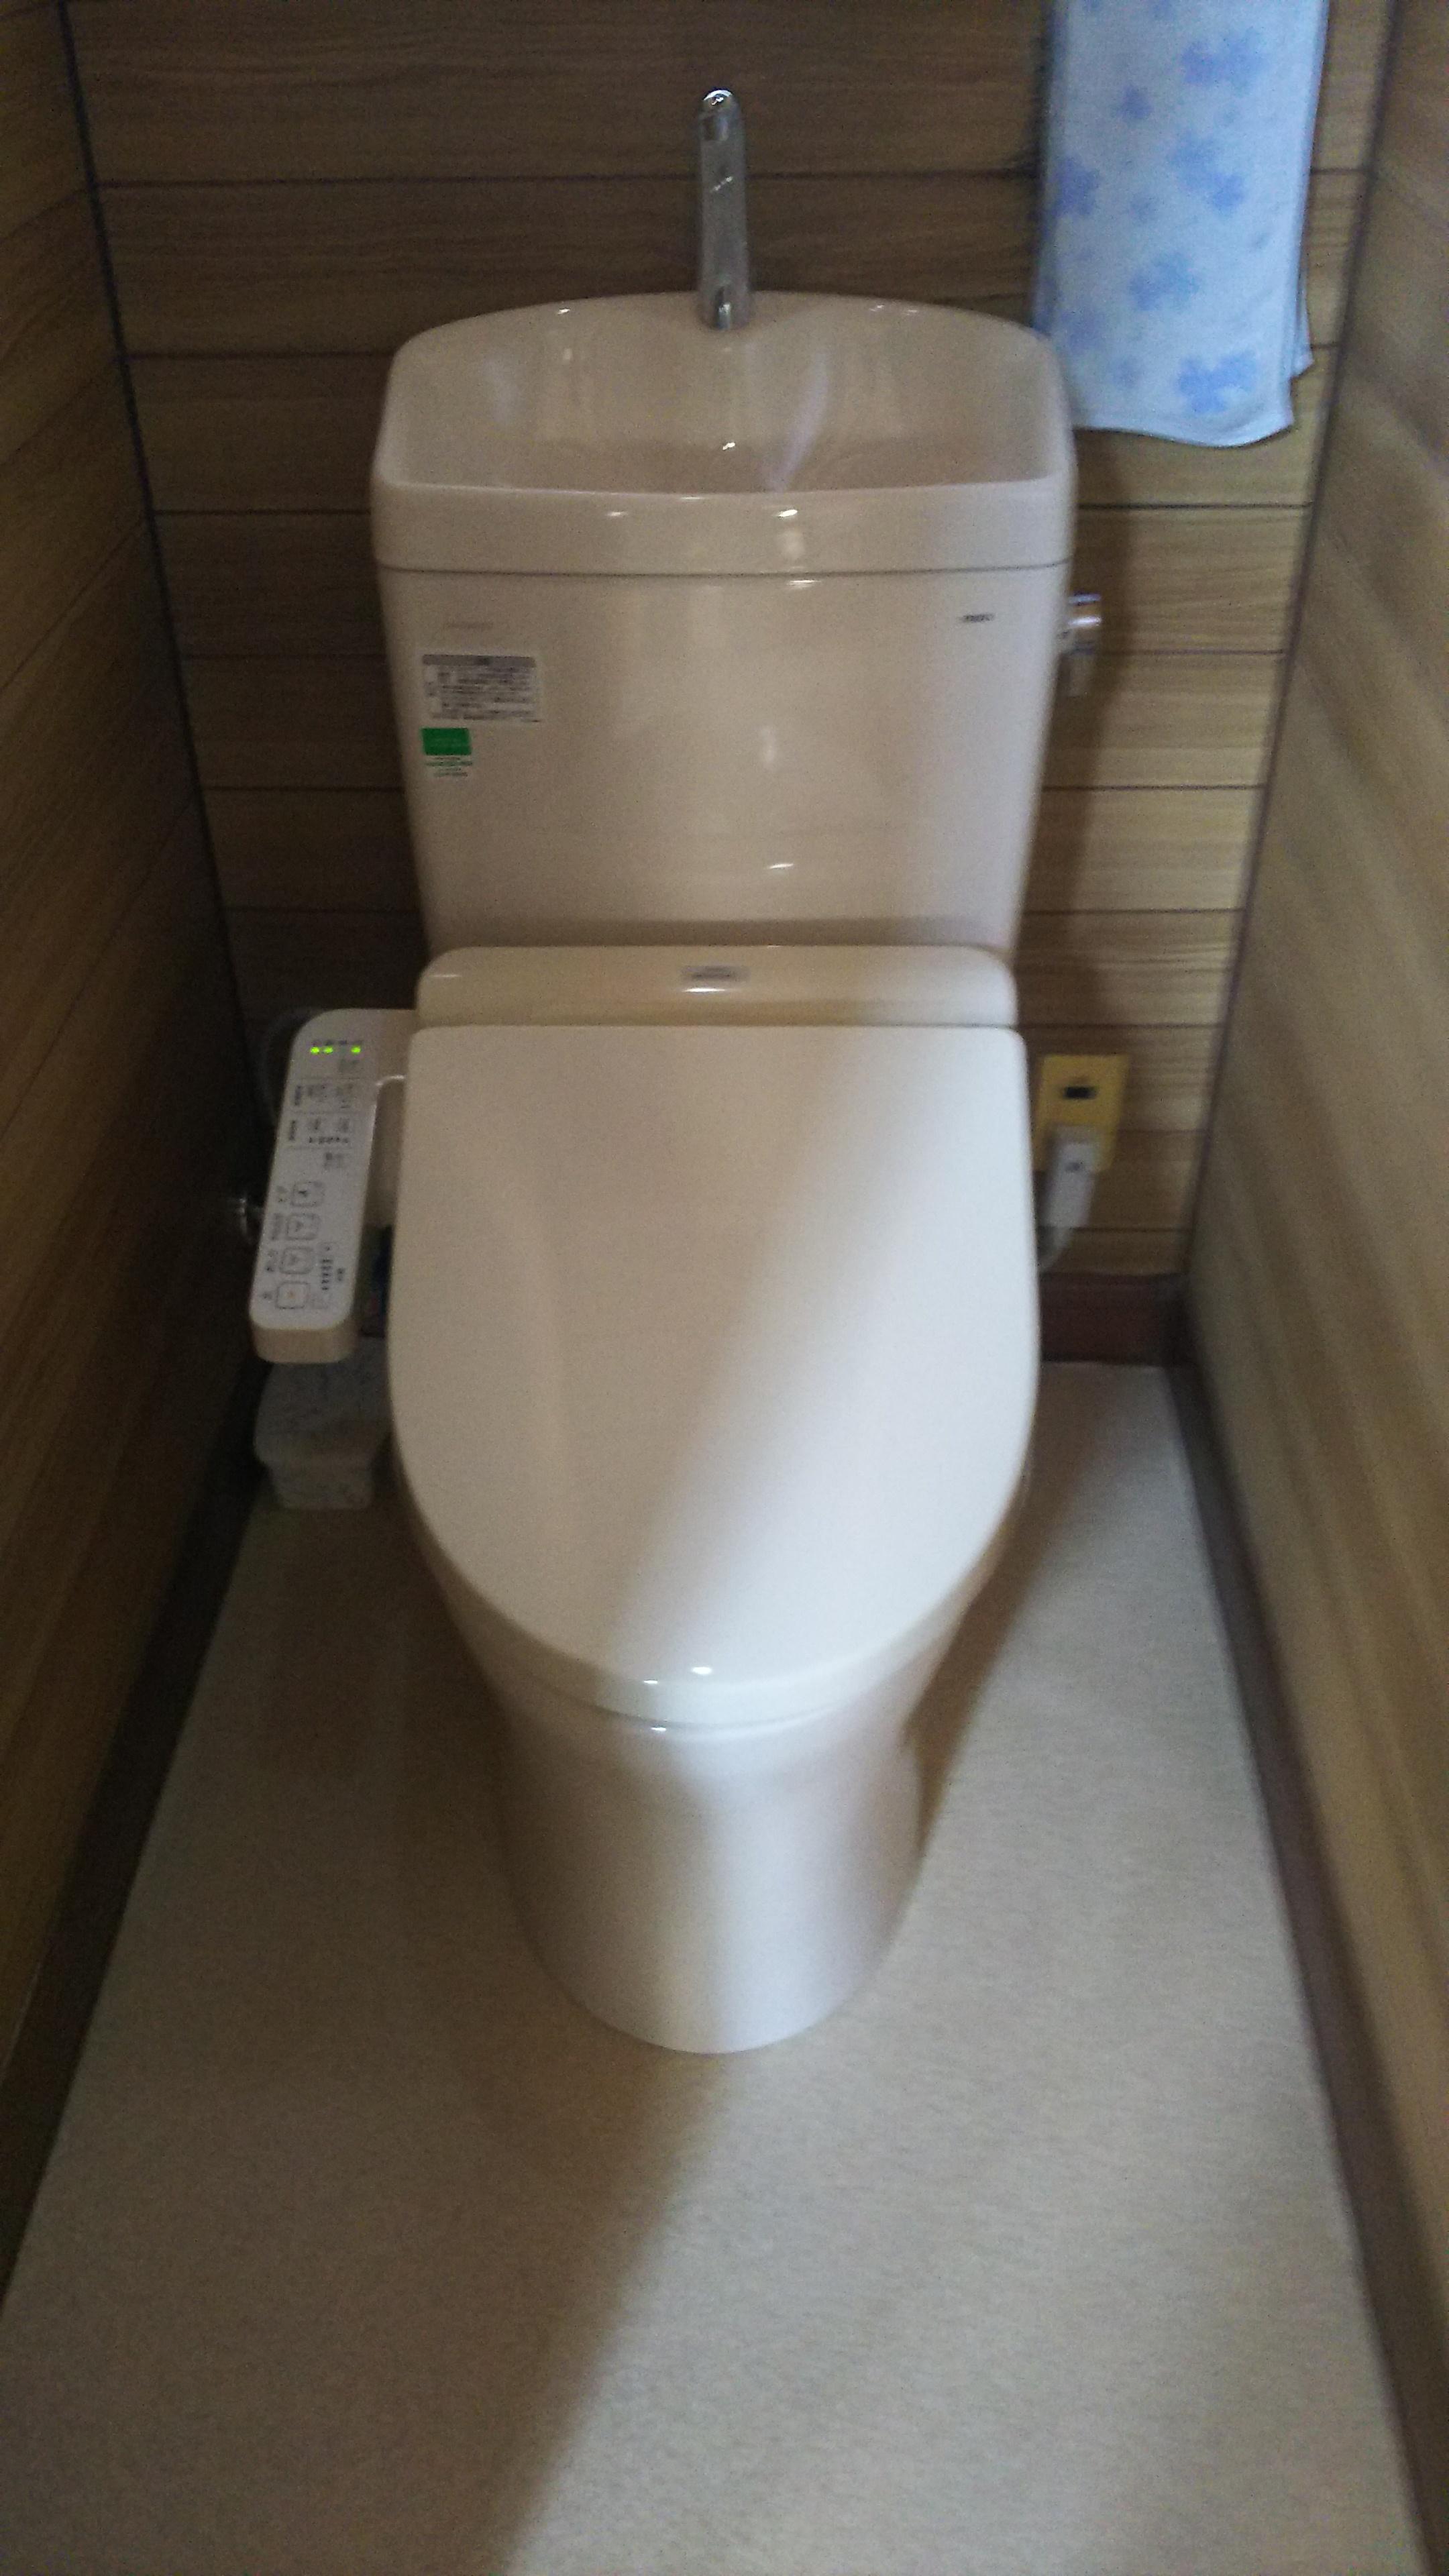 20190221_006 トイレ交換 千葉県松戸市:施工実績